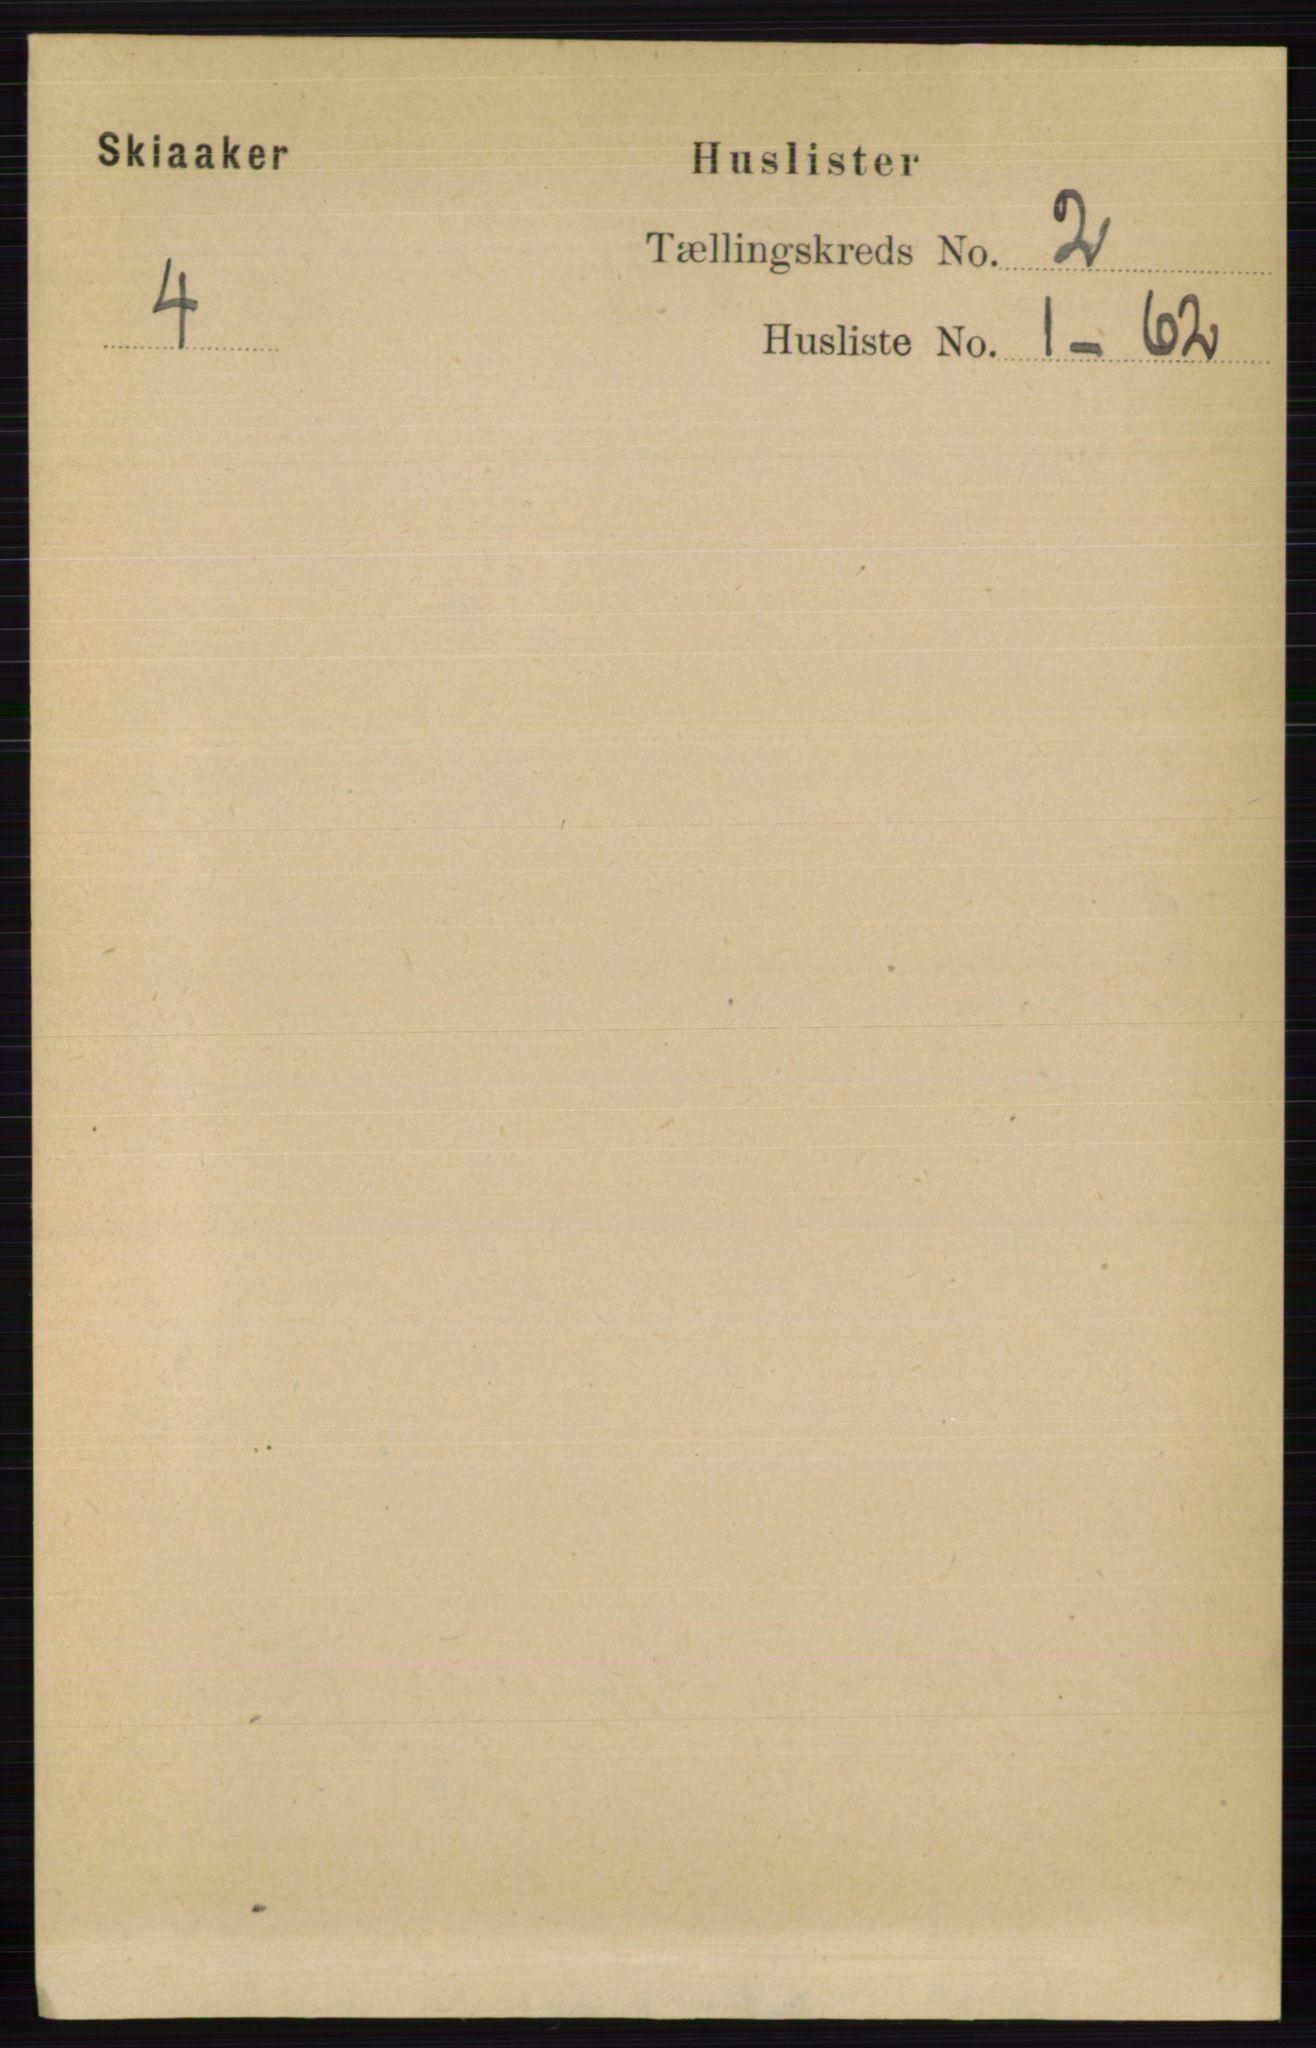 RA, Folketelling 1891 for 0513 Skjåk herred, 1891, s. 473